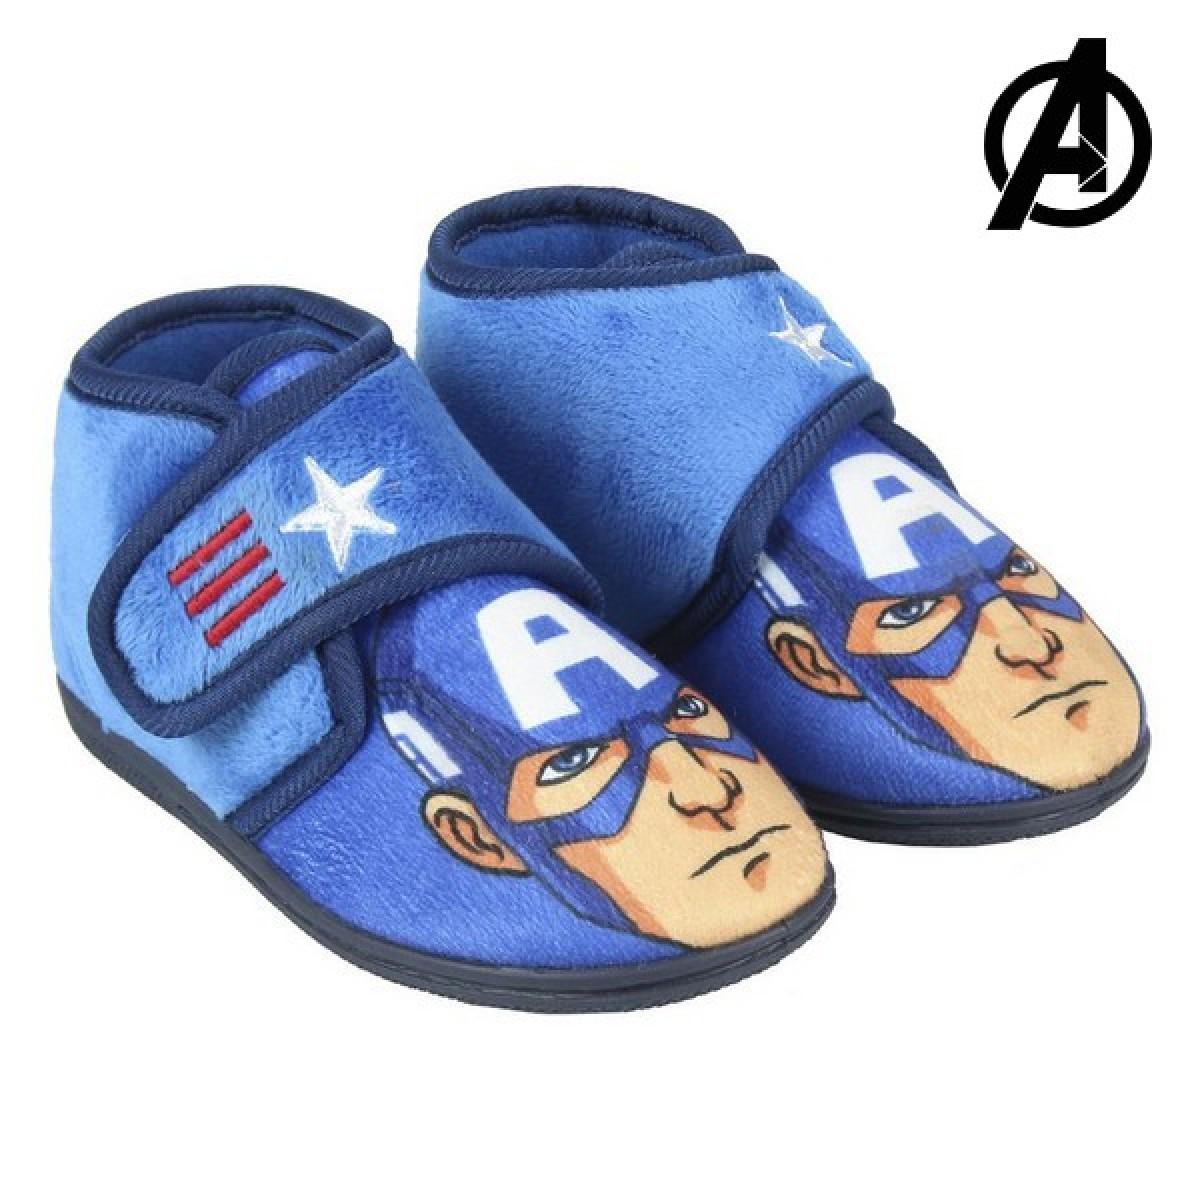 Avengers hjemmesko   Stort udvalg af hjemmesko til børn